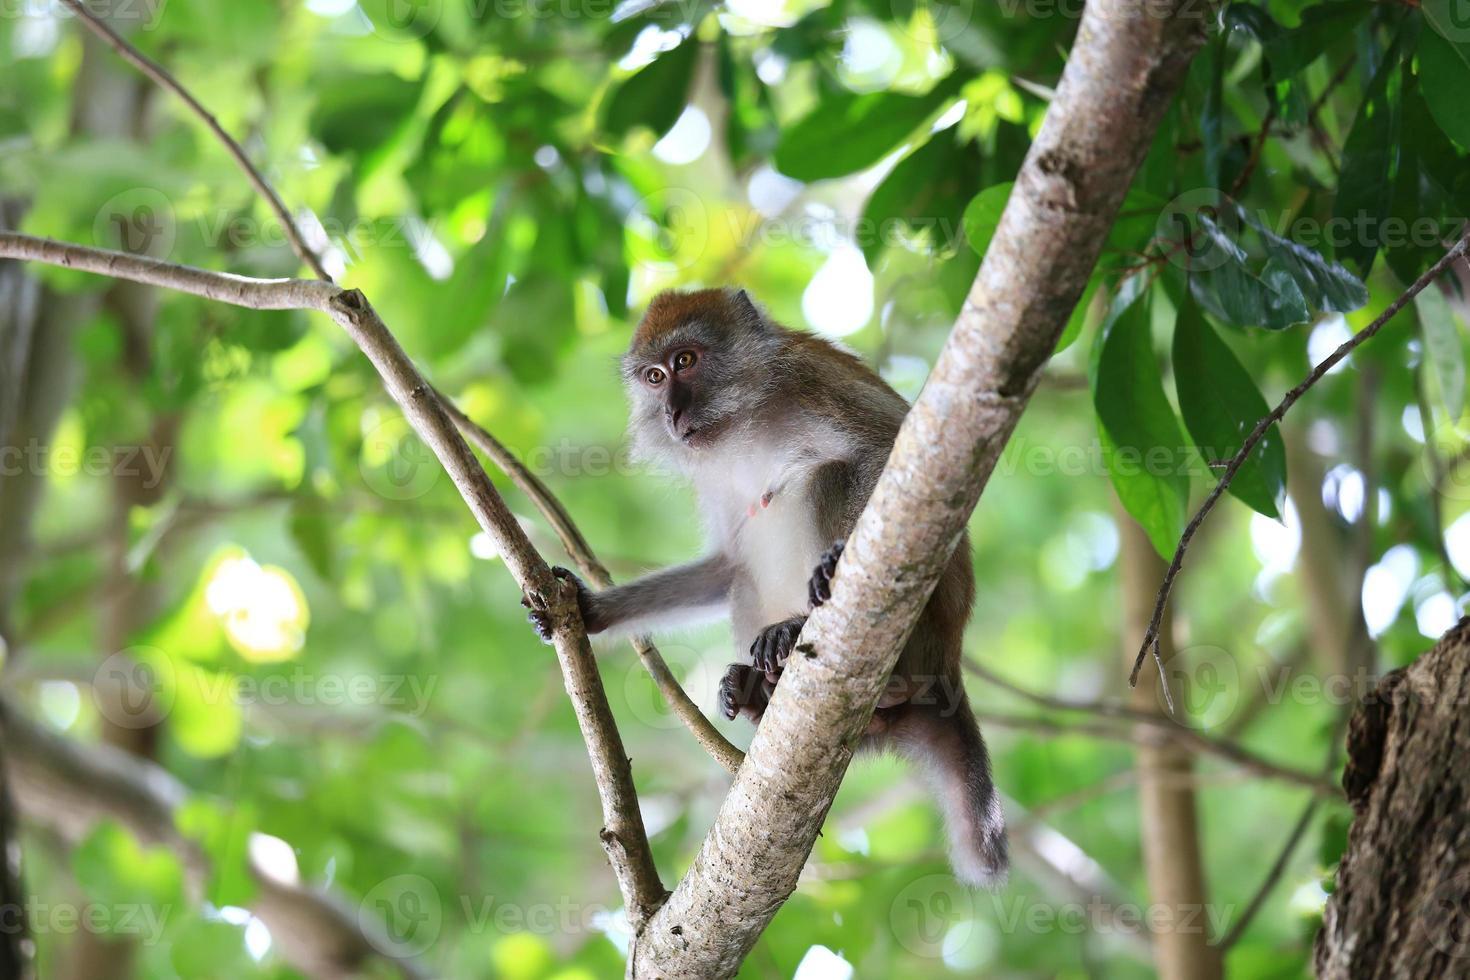 en hábitat natural, jugando y moviéndose, isla rawi, satun. foto